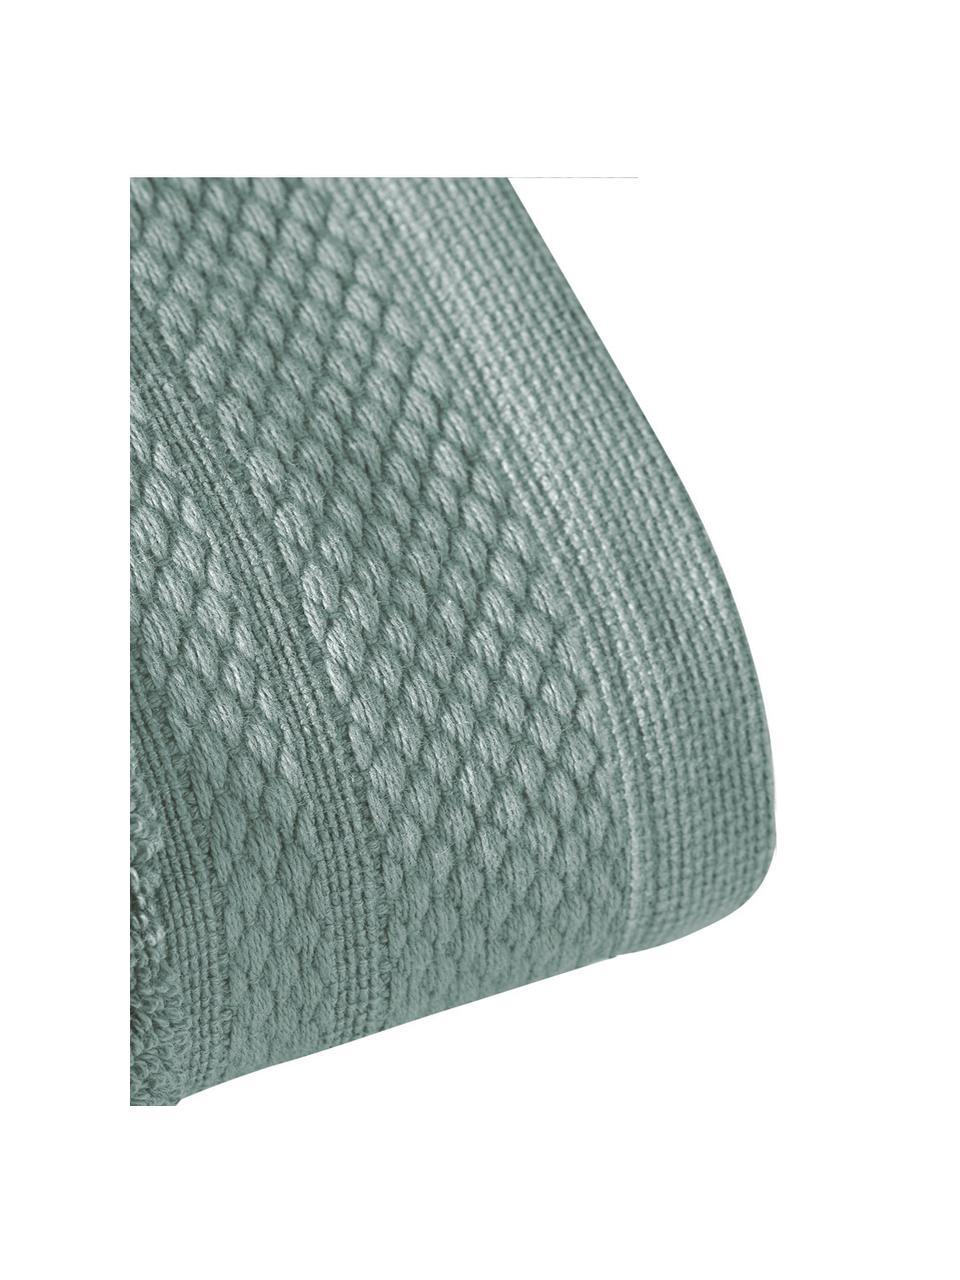 Handdoek Premium in verschillende formaten, met klassiek sierborduursel, Saliegroen, XS gastendoekje